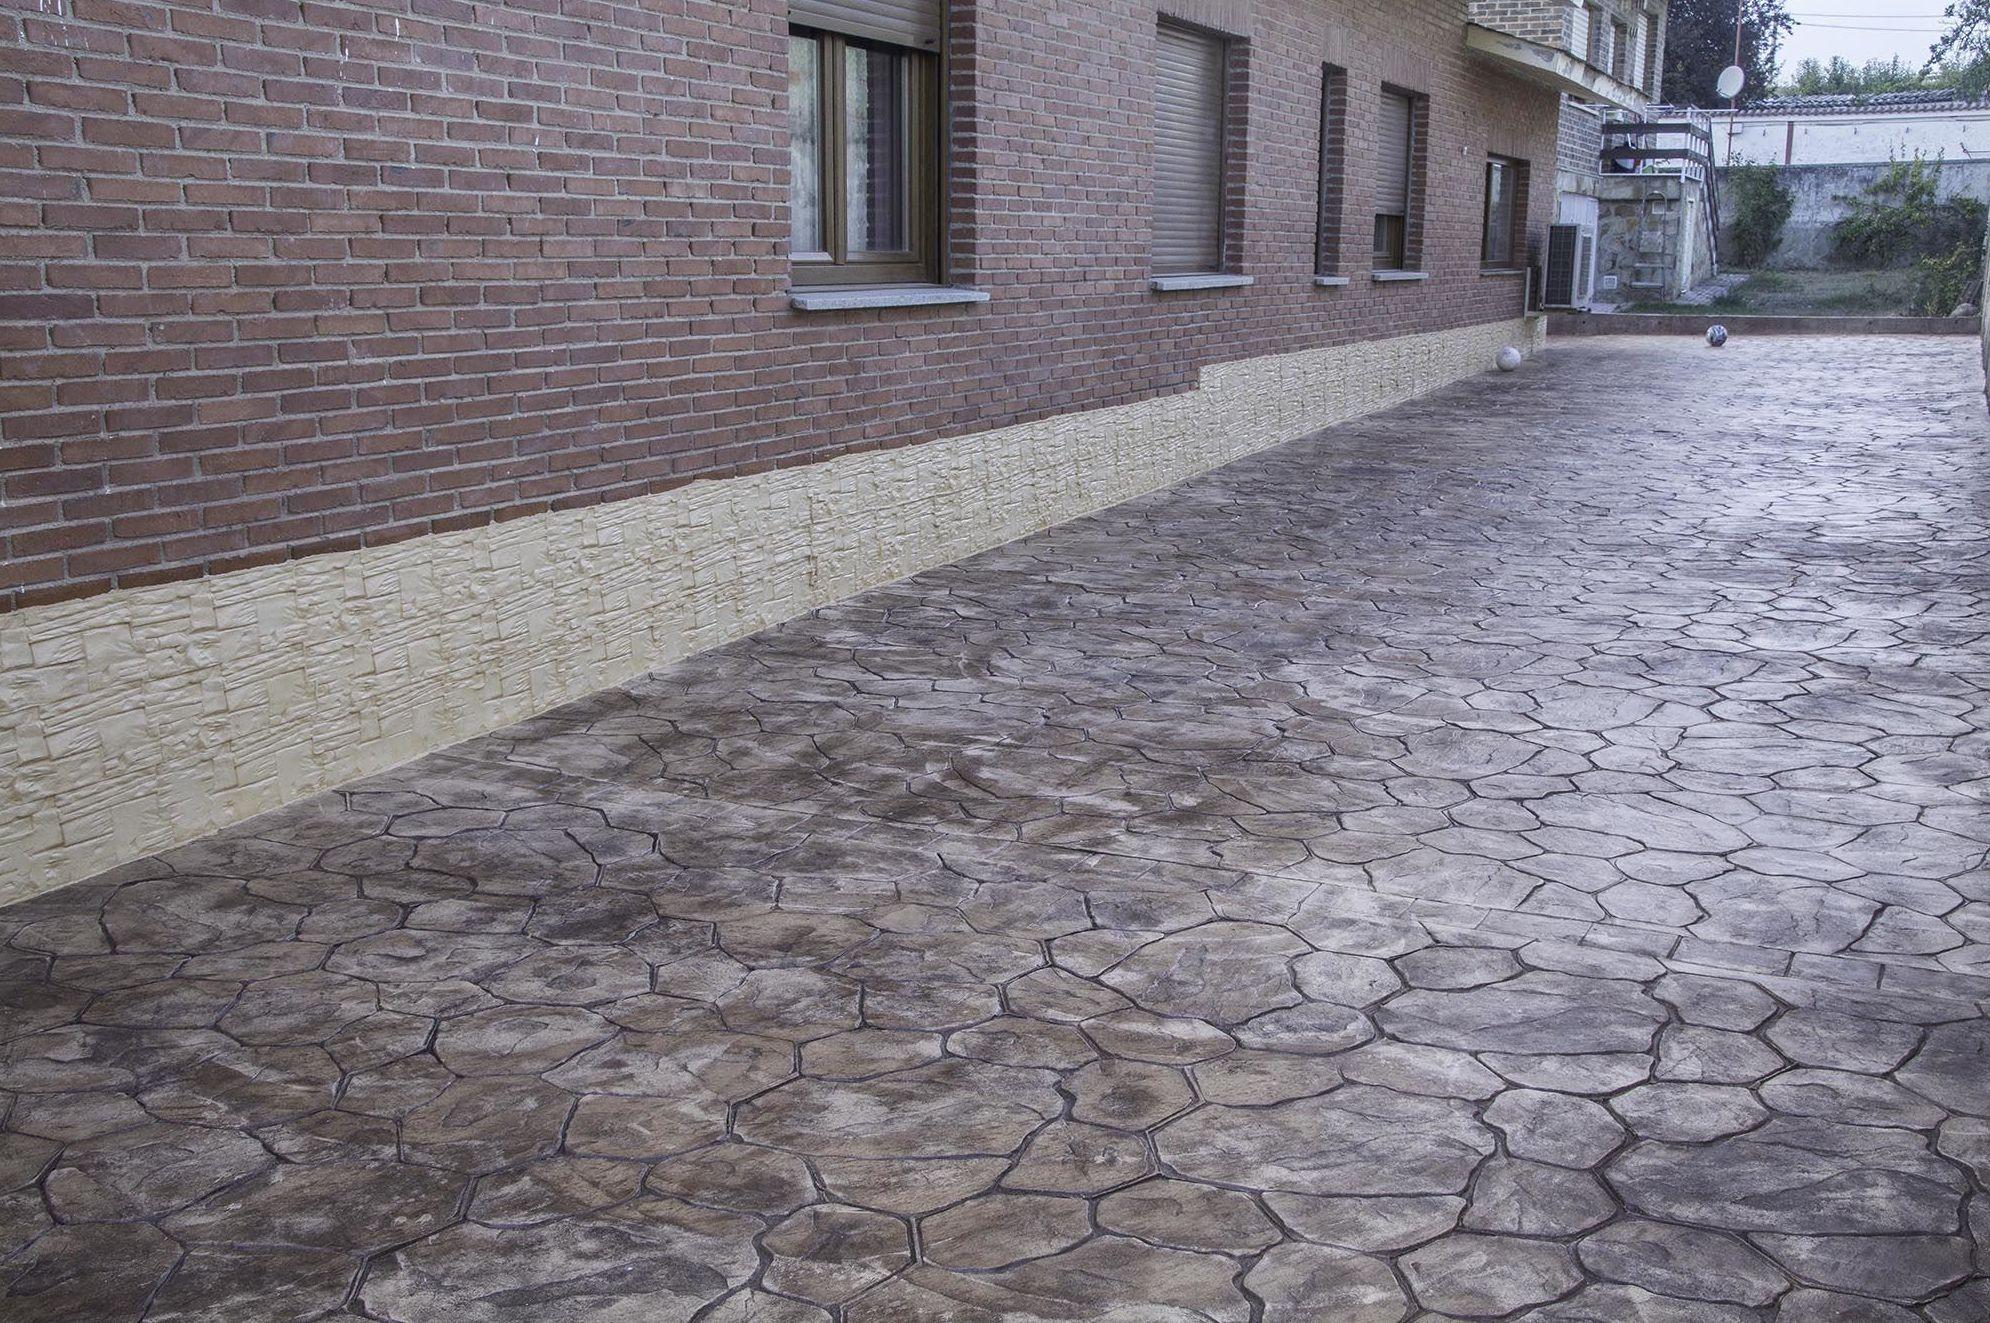 Pavimento estampado piedra